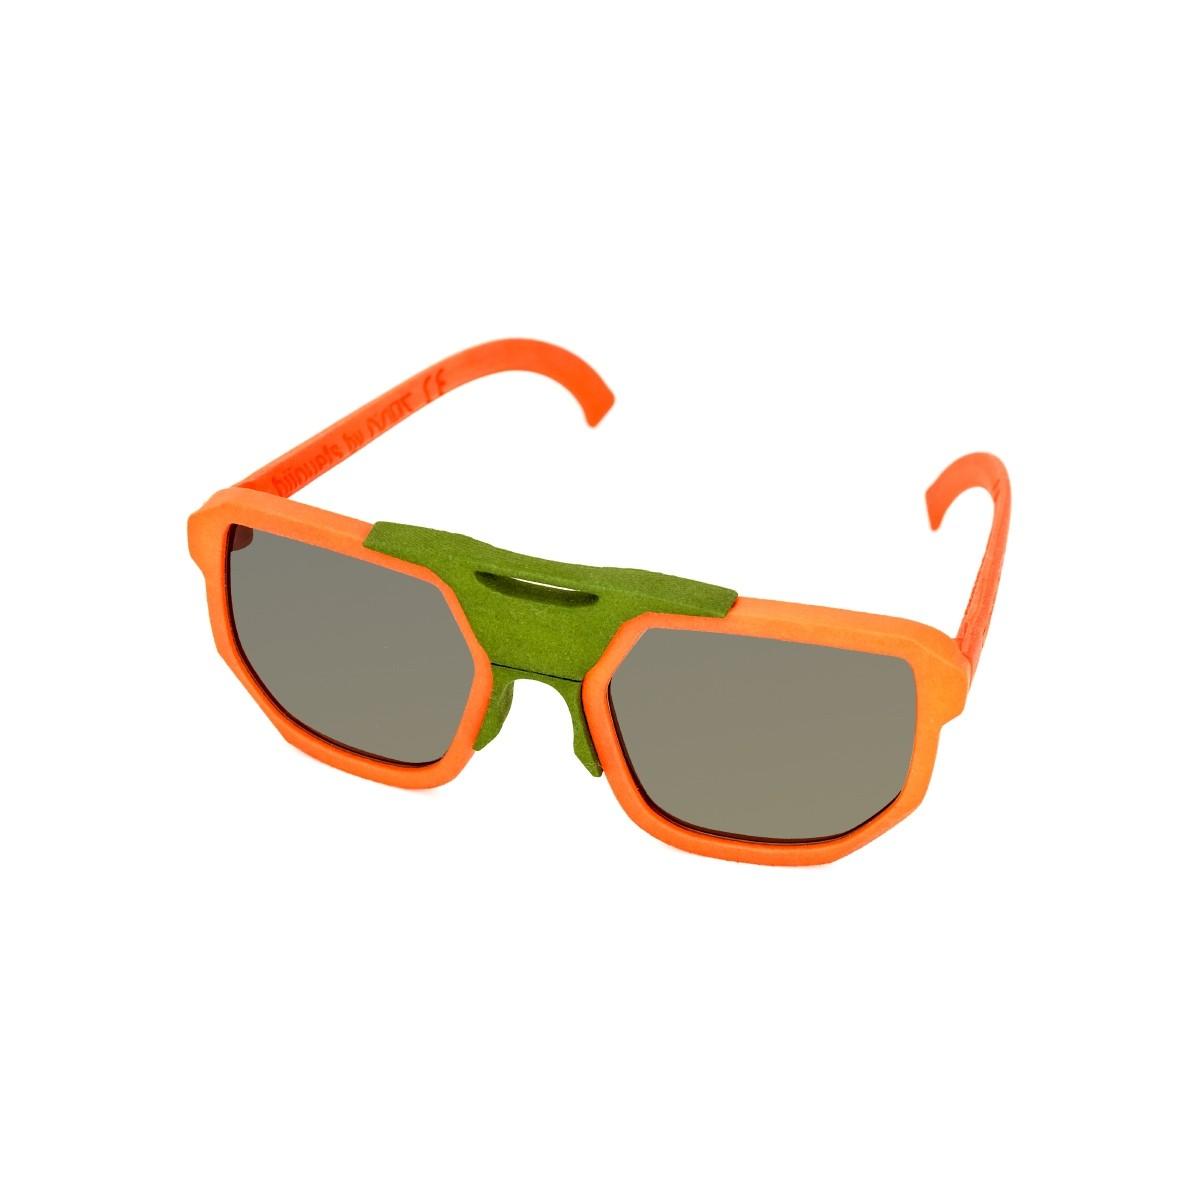 Cambiami 2.0 unisex arancio, 90,00€, Occhiali Cambiami Arancio a forma Rettangolare